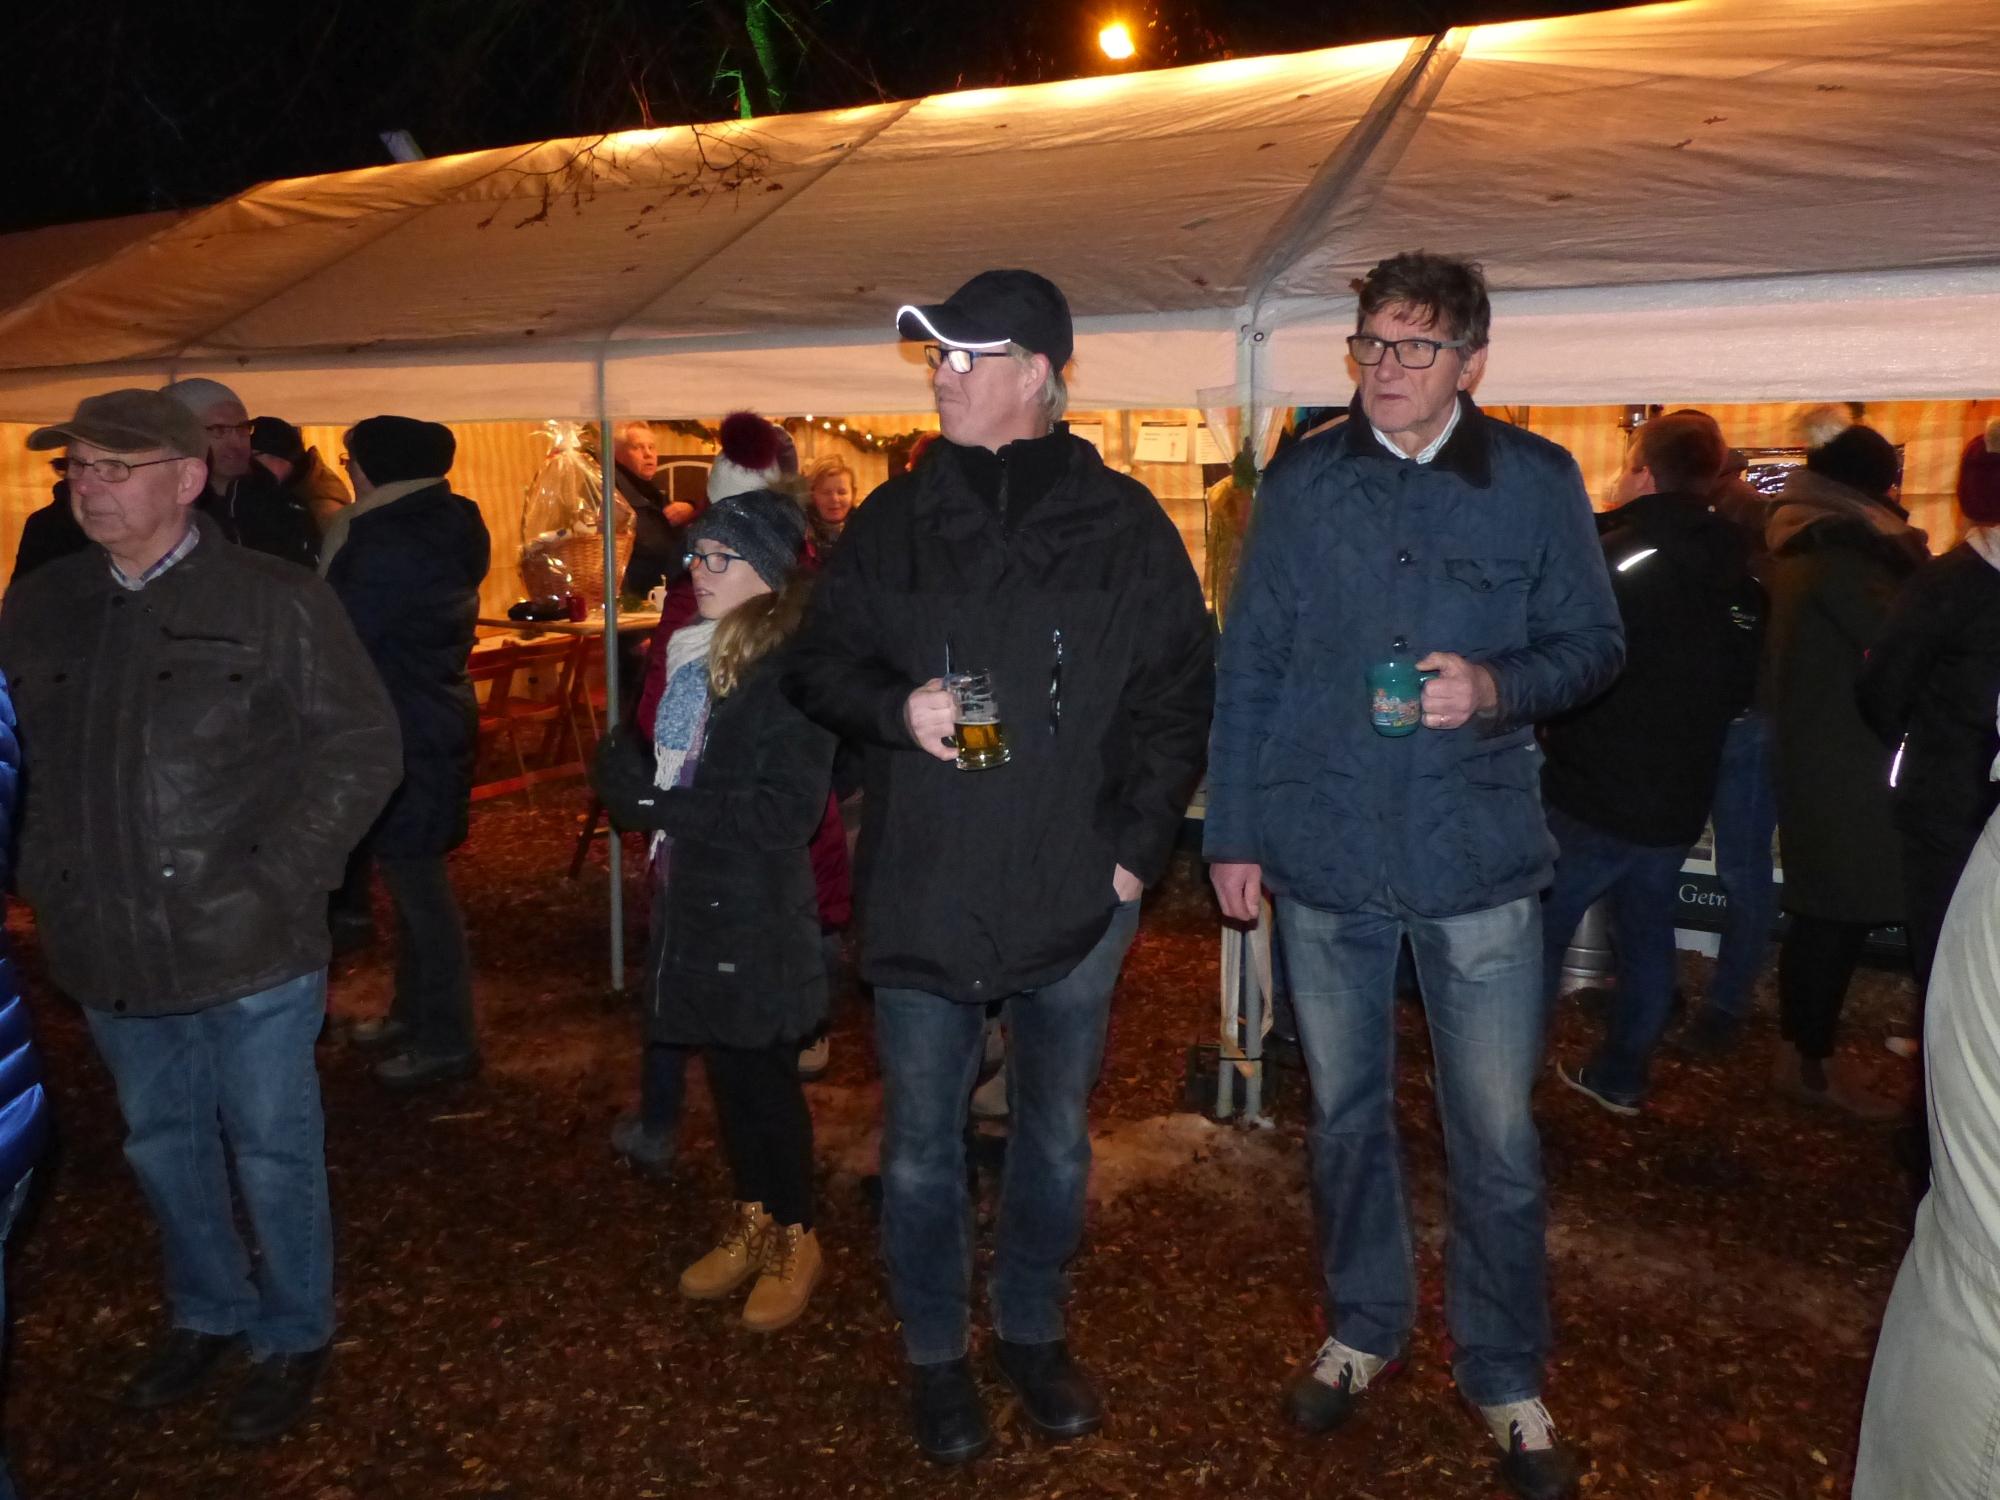 20171203_Lichterglanz_und_Weihnachtsklaenge_0048